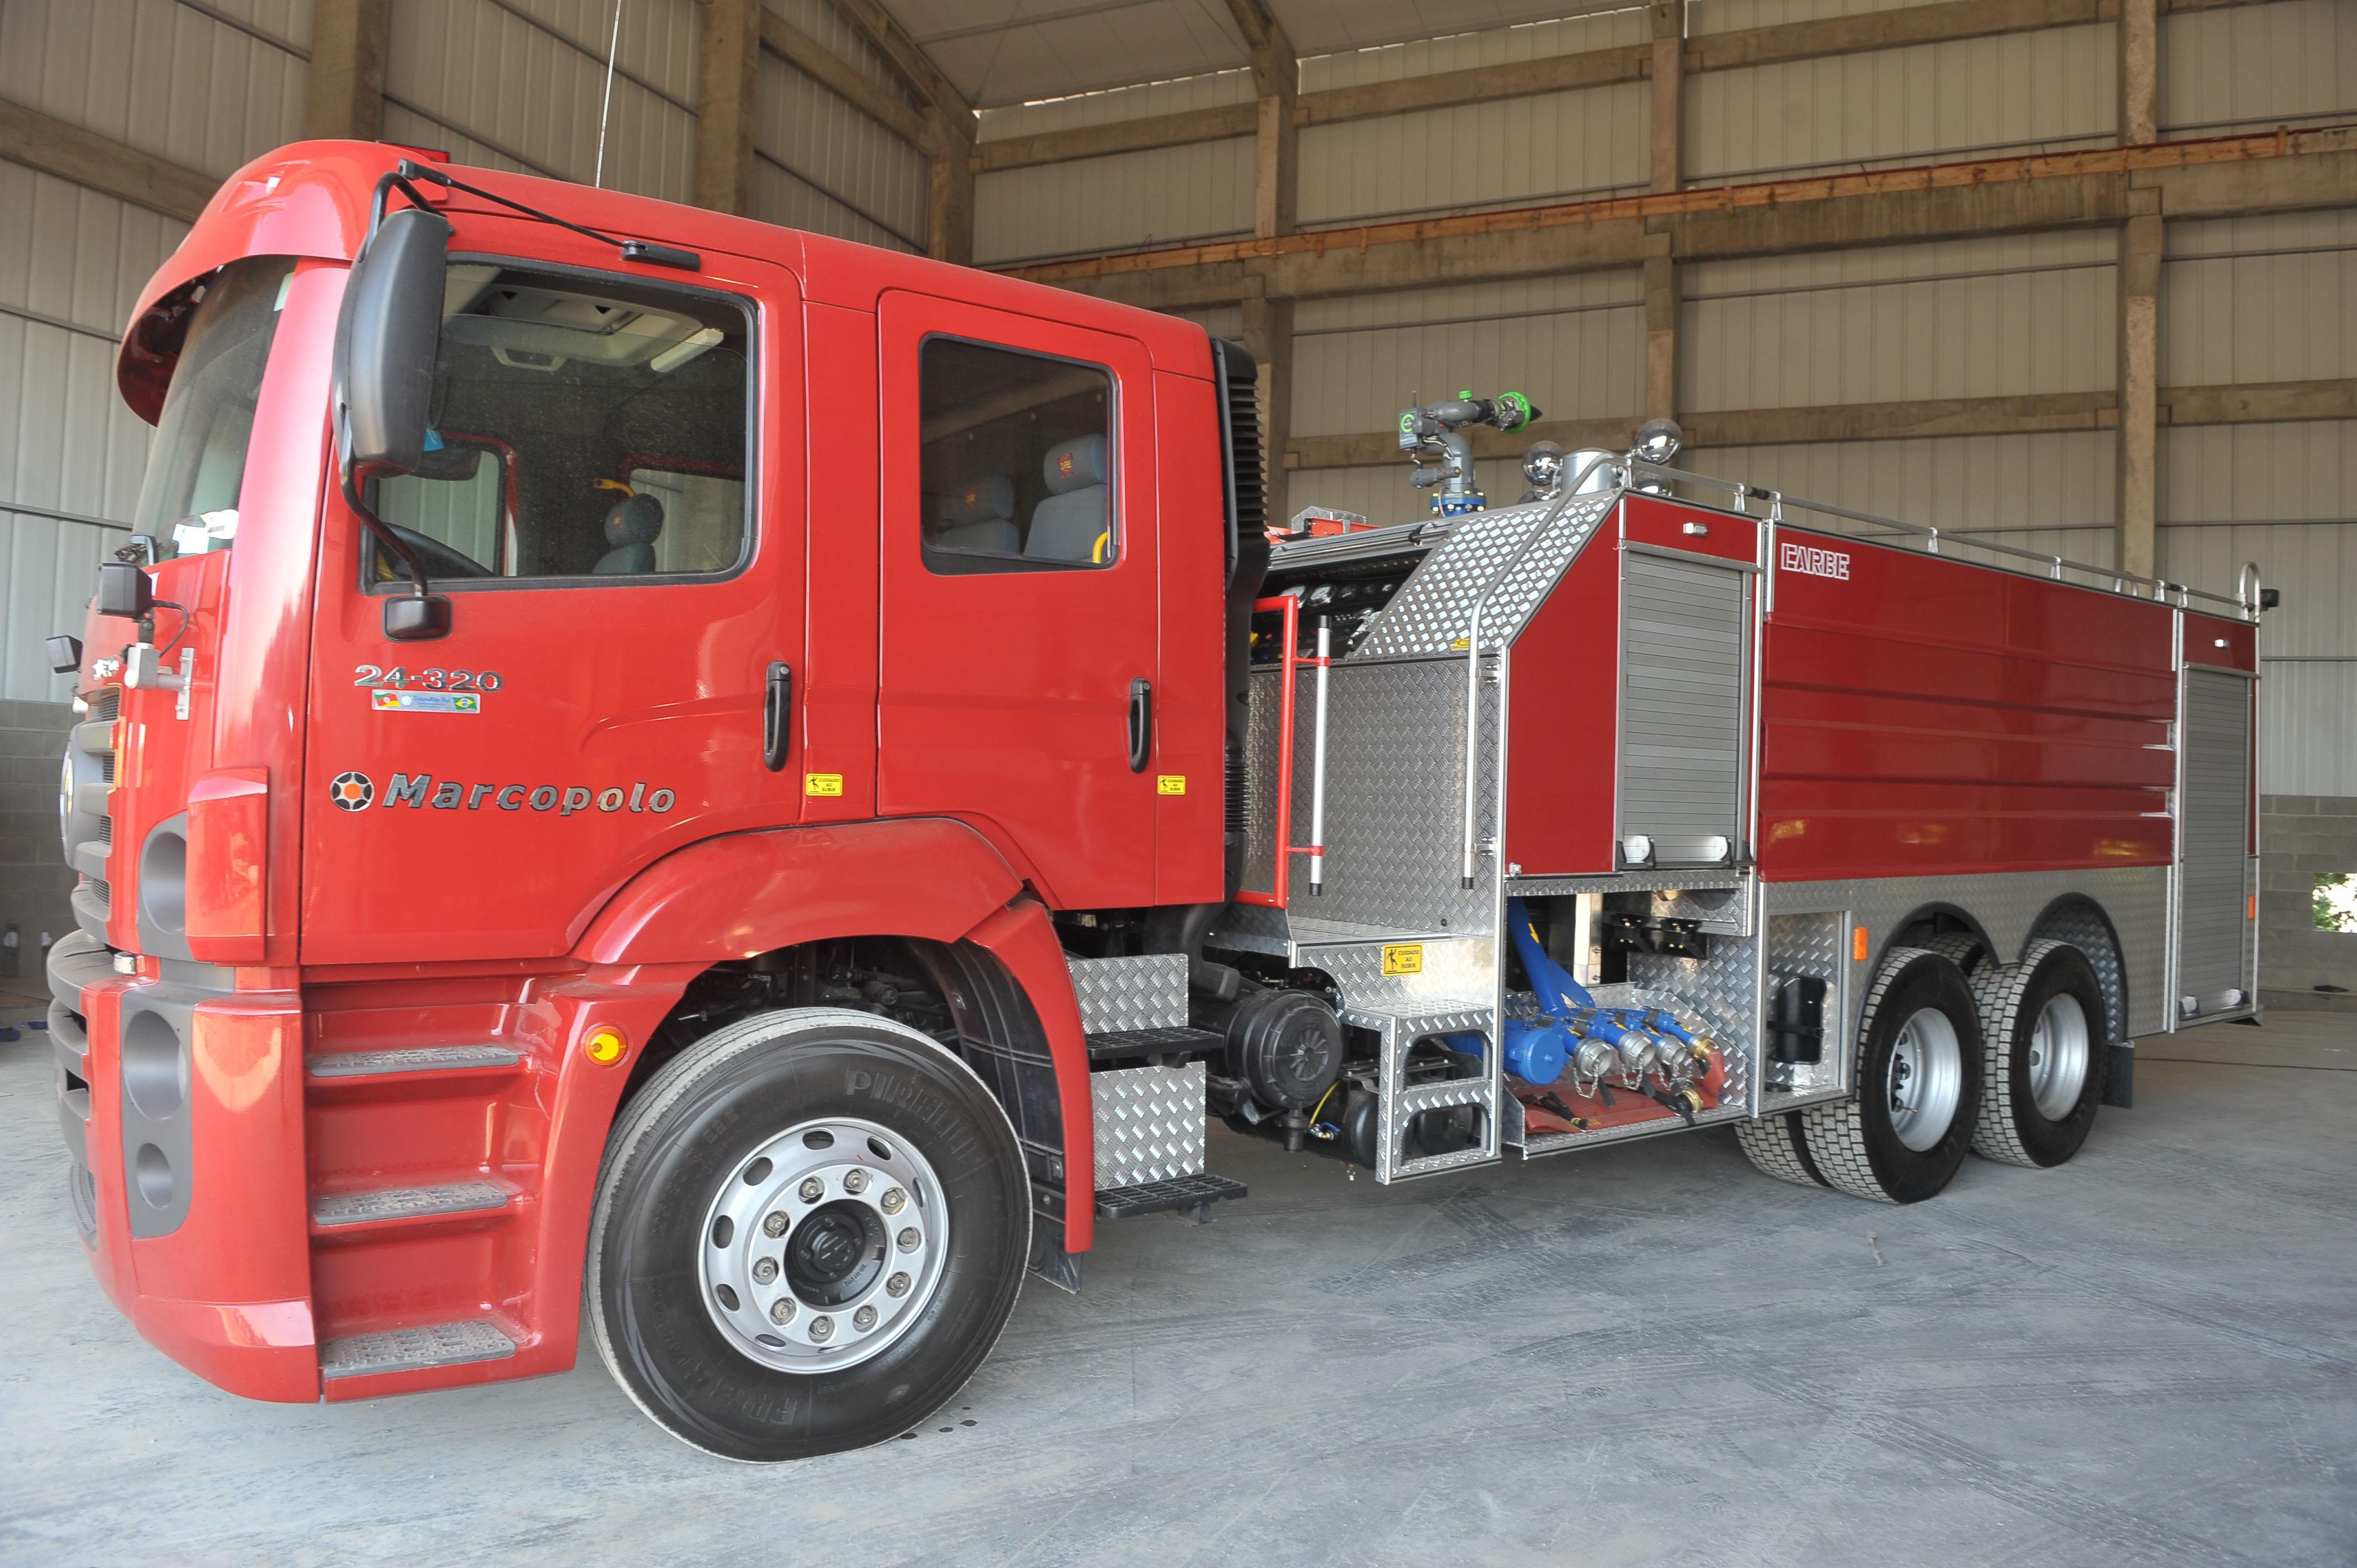 caminhao de bombeiros marcopolo - vw 24-320